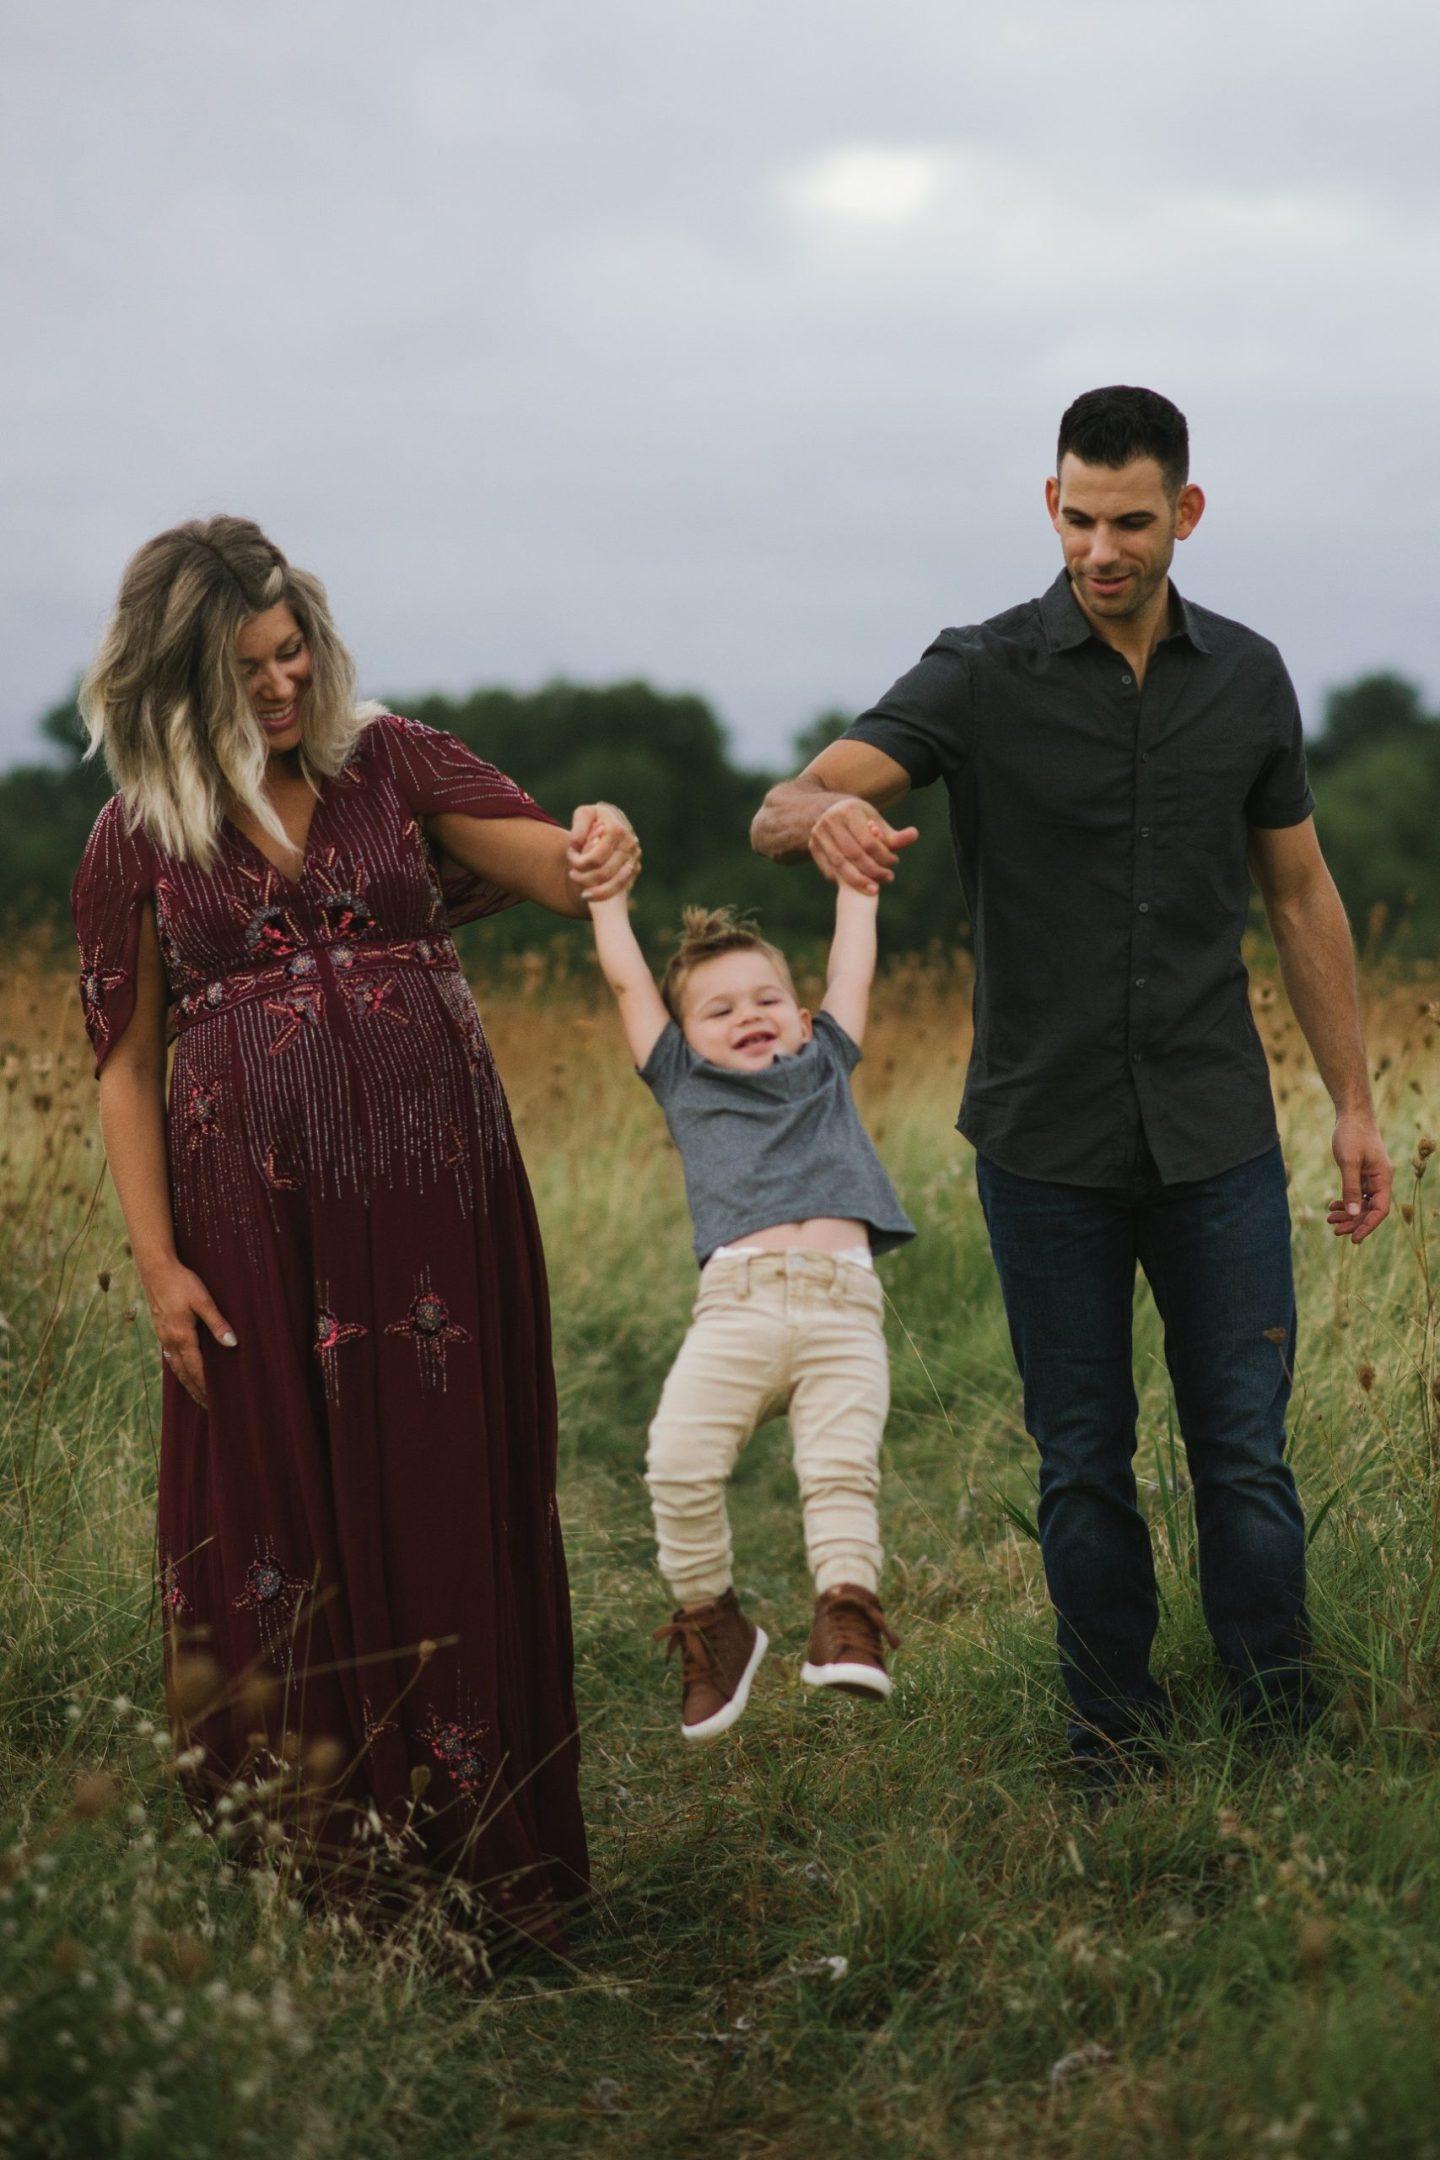 family maternity photoshoot